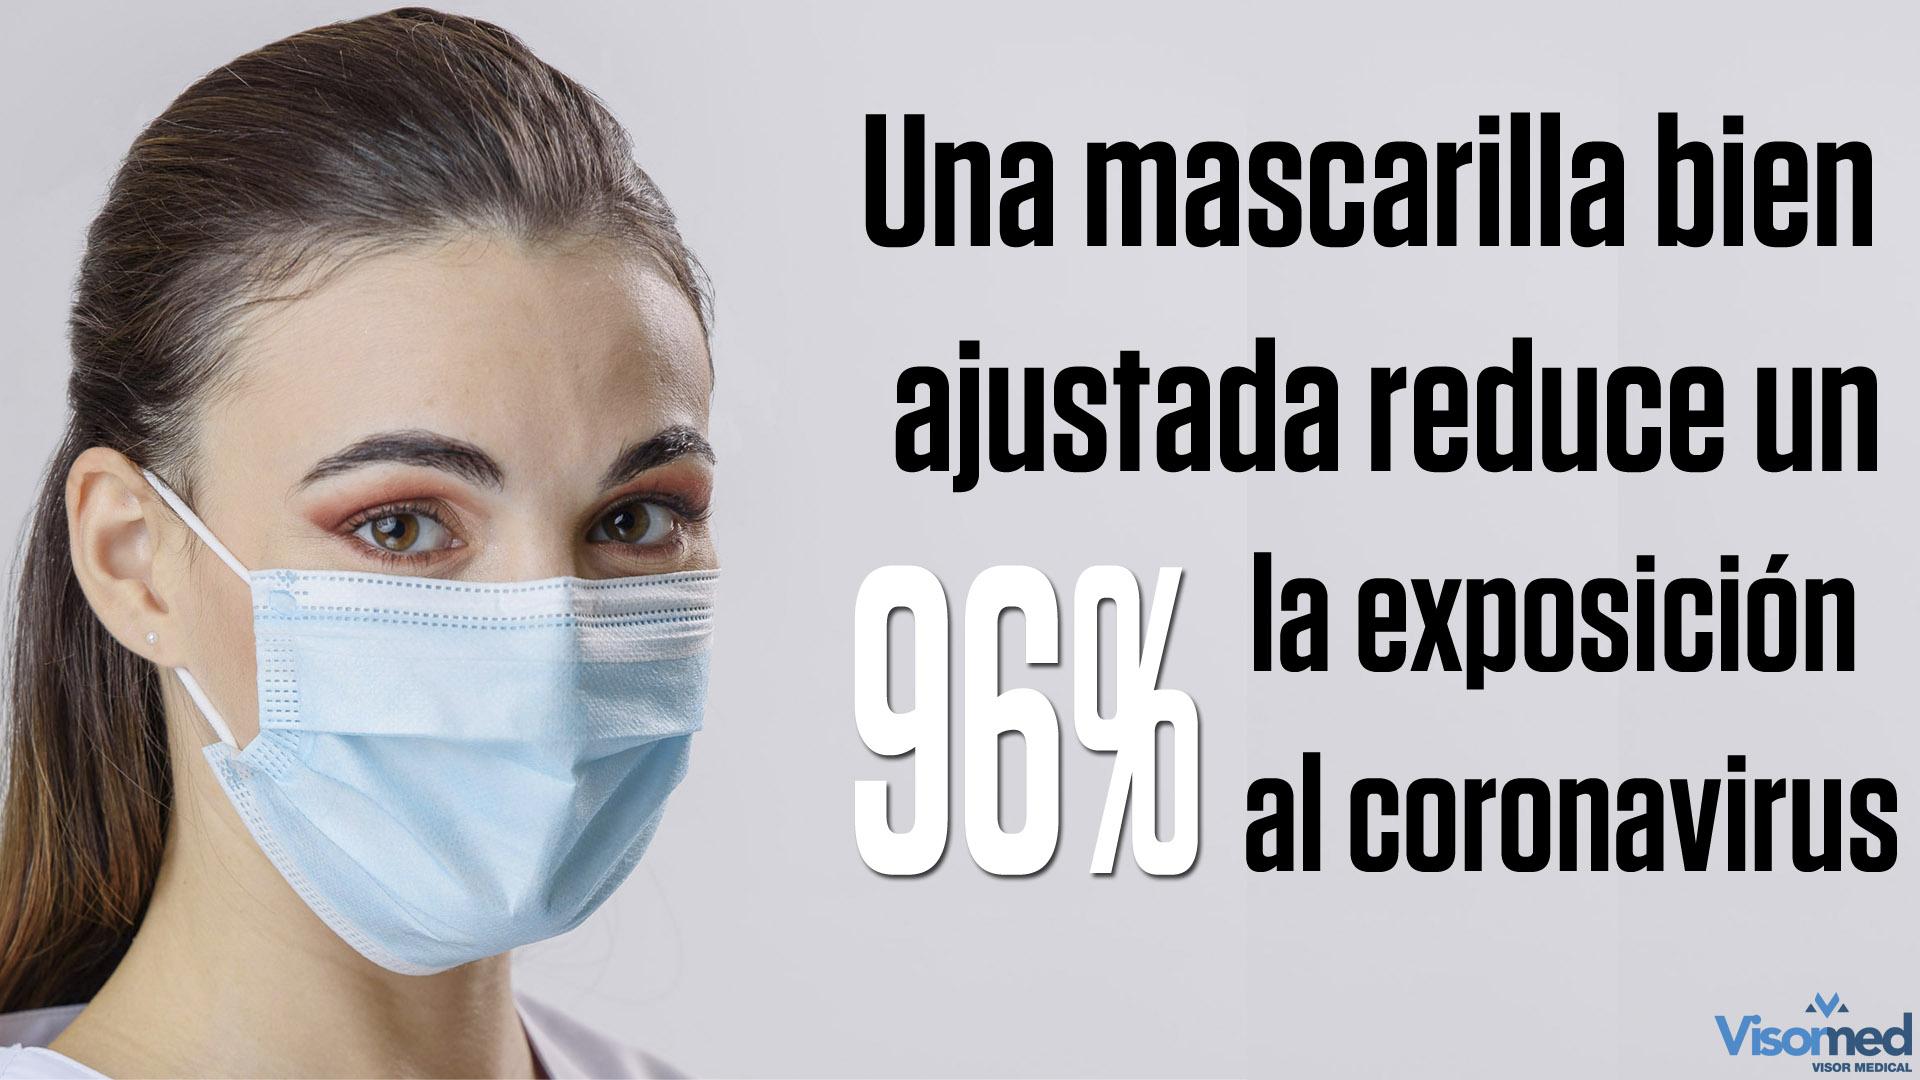 Una mascarilla bien ajustada reduce la exposición al coronavirus un 96%